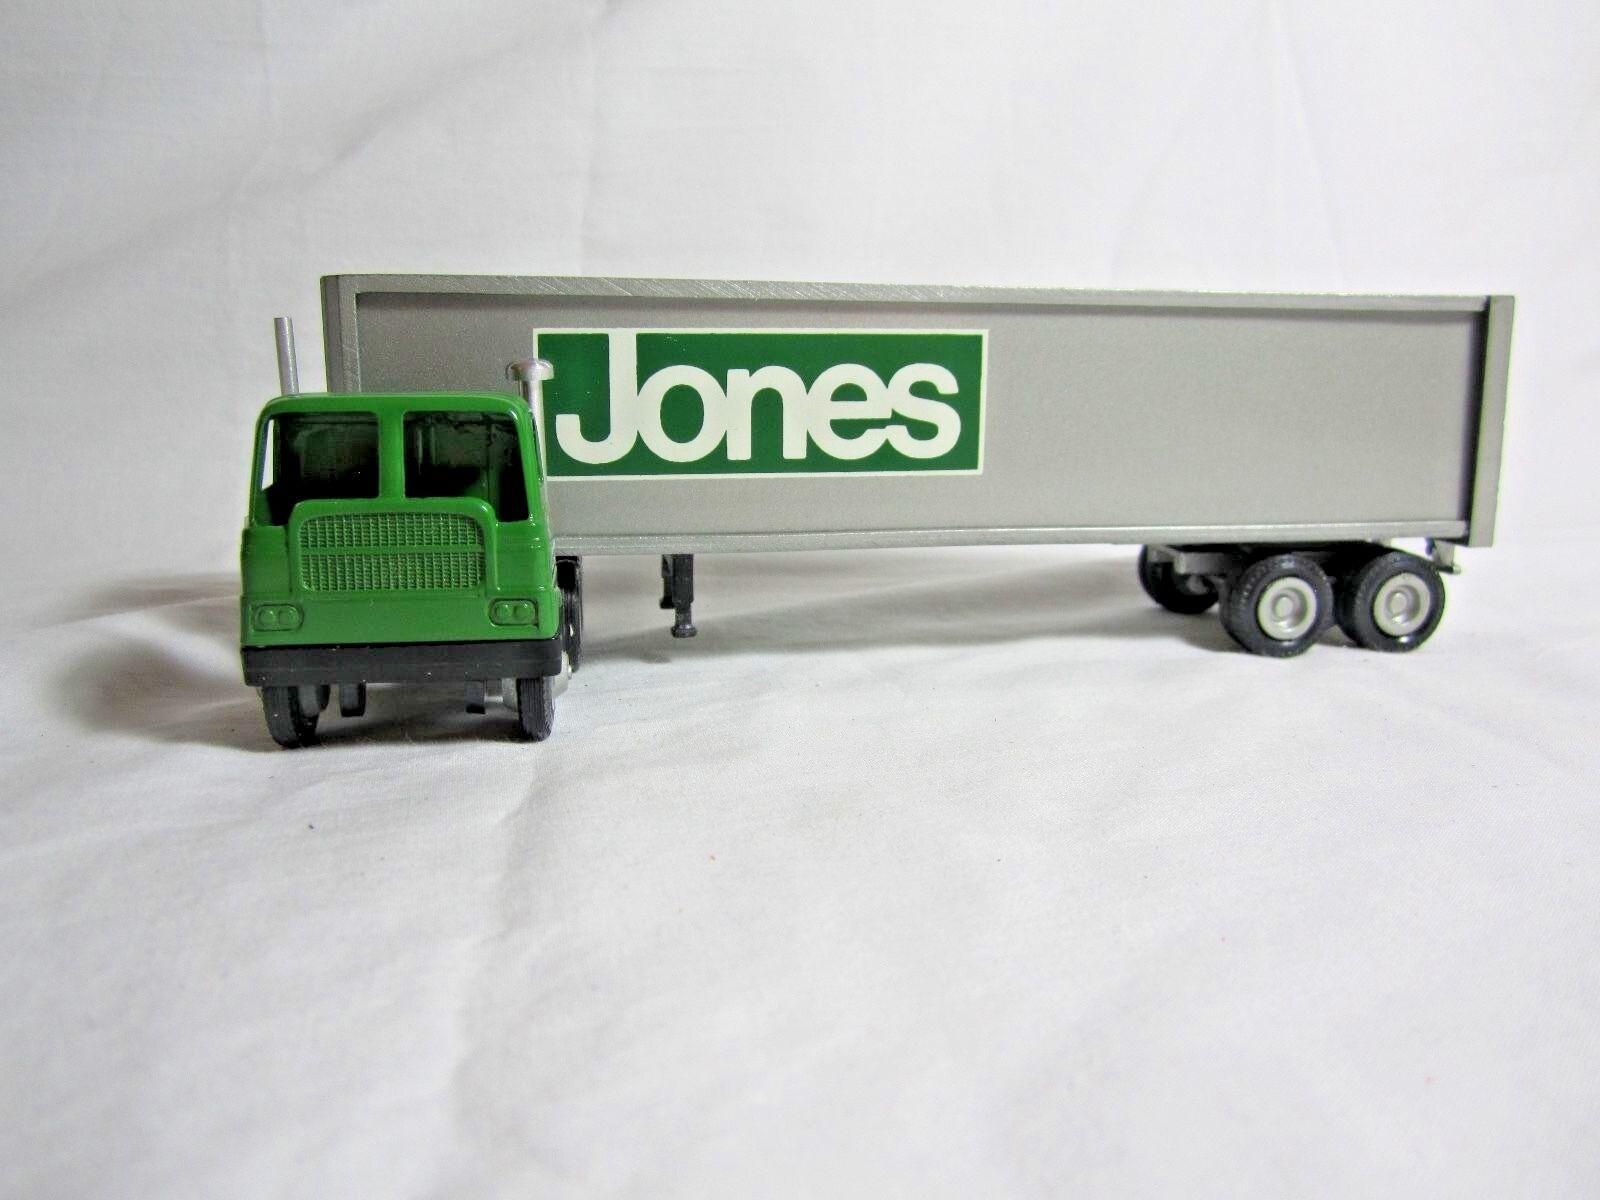 precios mas bajos Winross 1977 1977 1977 Jones Motor blancoo 5000 camión de Cochega  más descuento